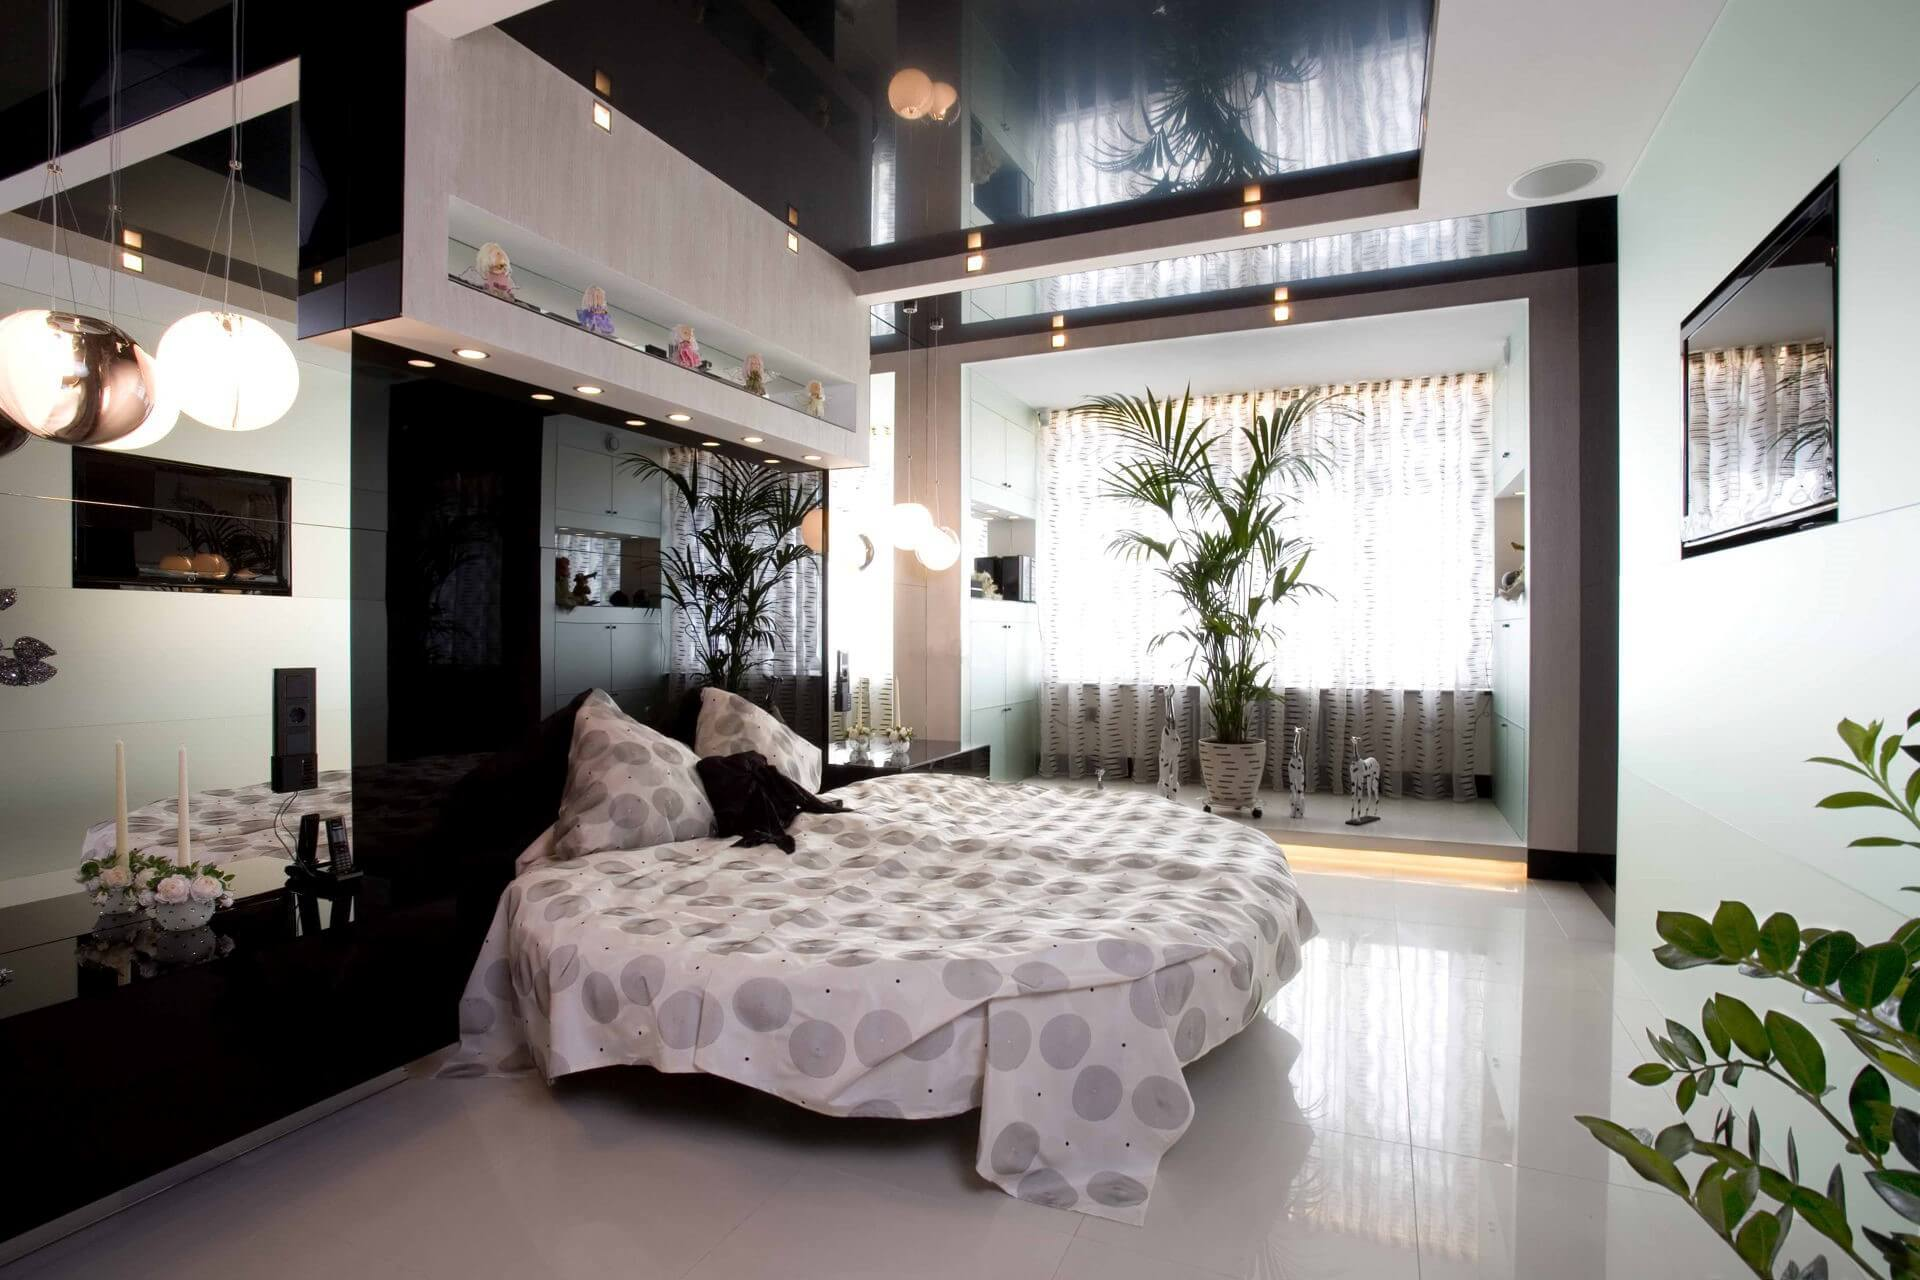 глянцевый натяжной потолок в спальне